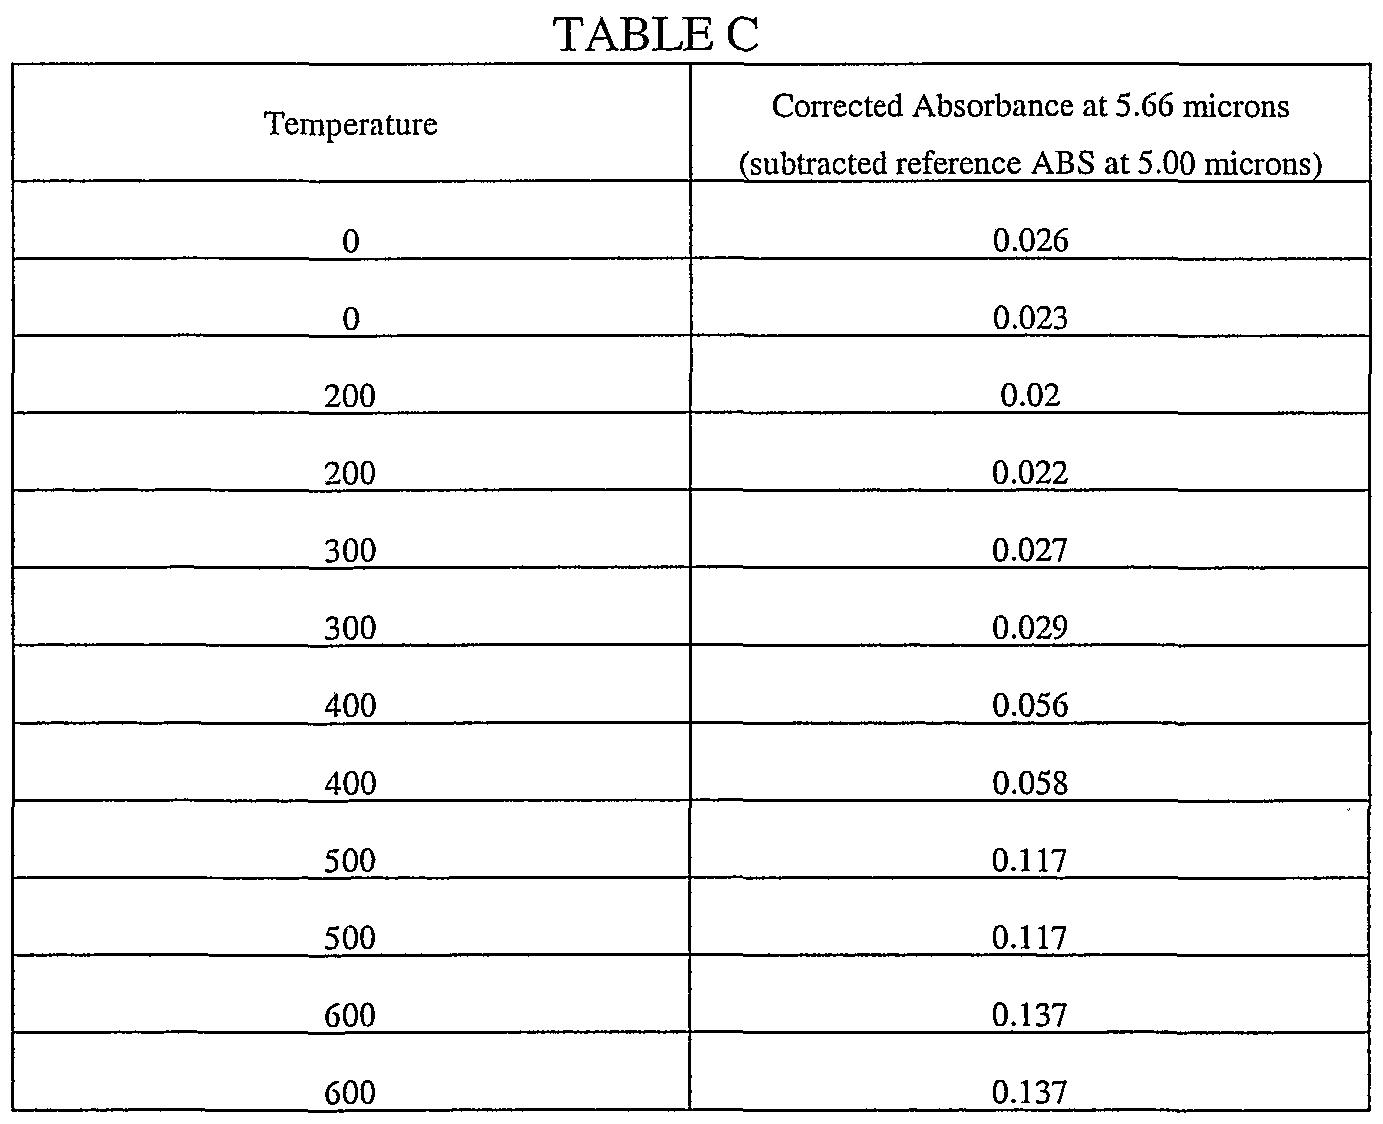 recipe: 400 f to celsius [16]